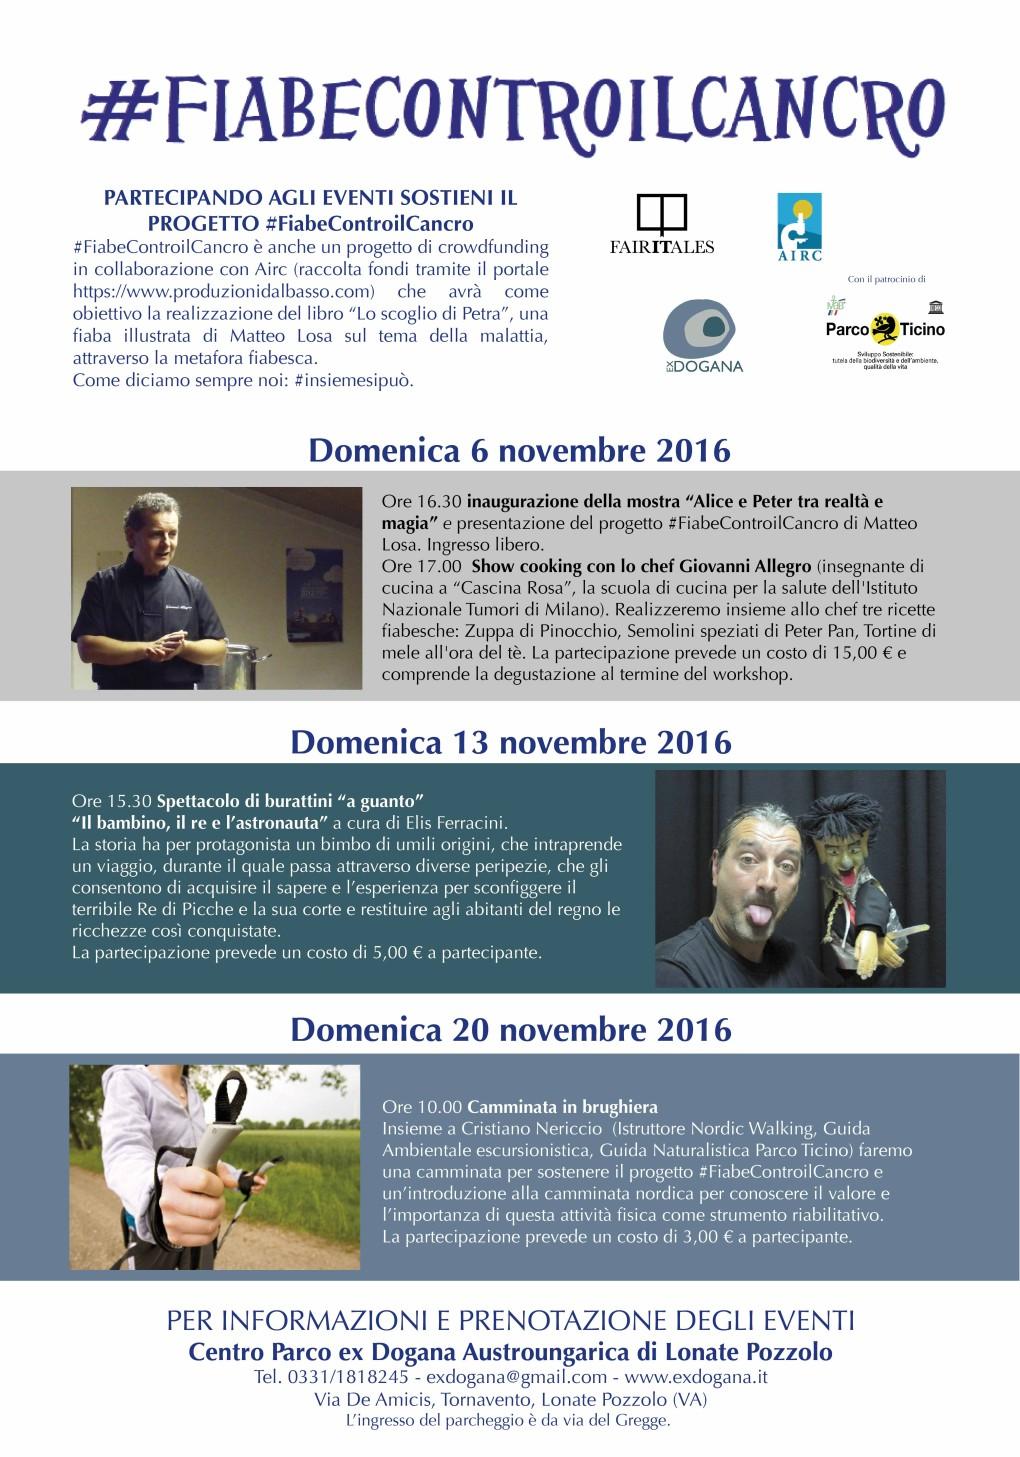 programma-eventi_fairitales-01